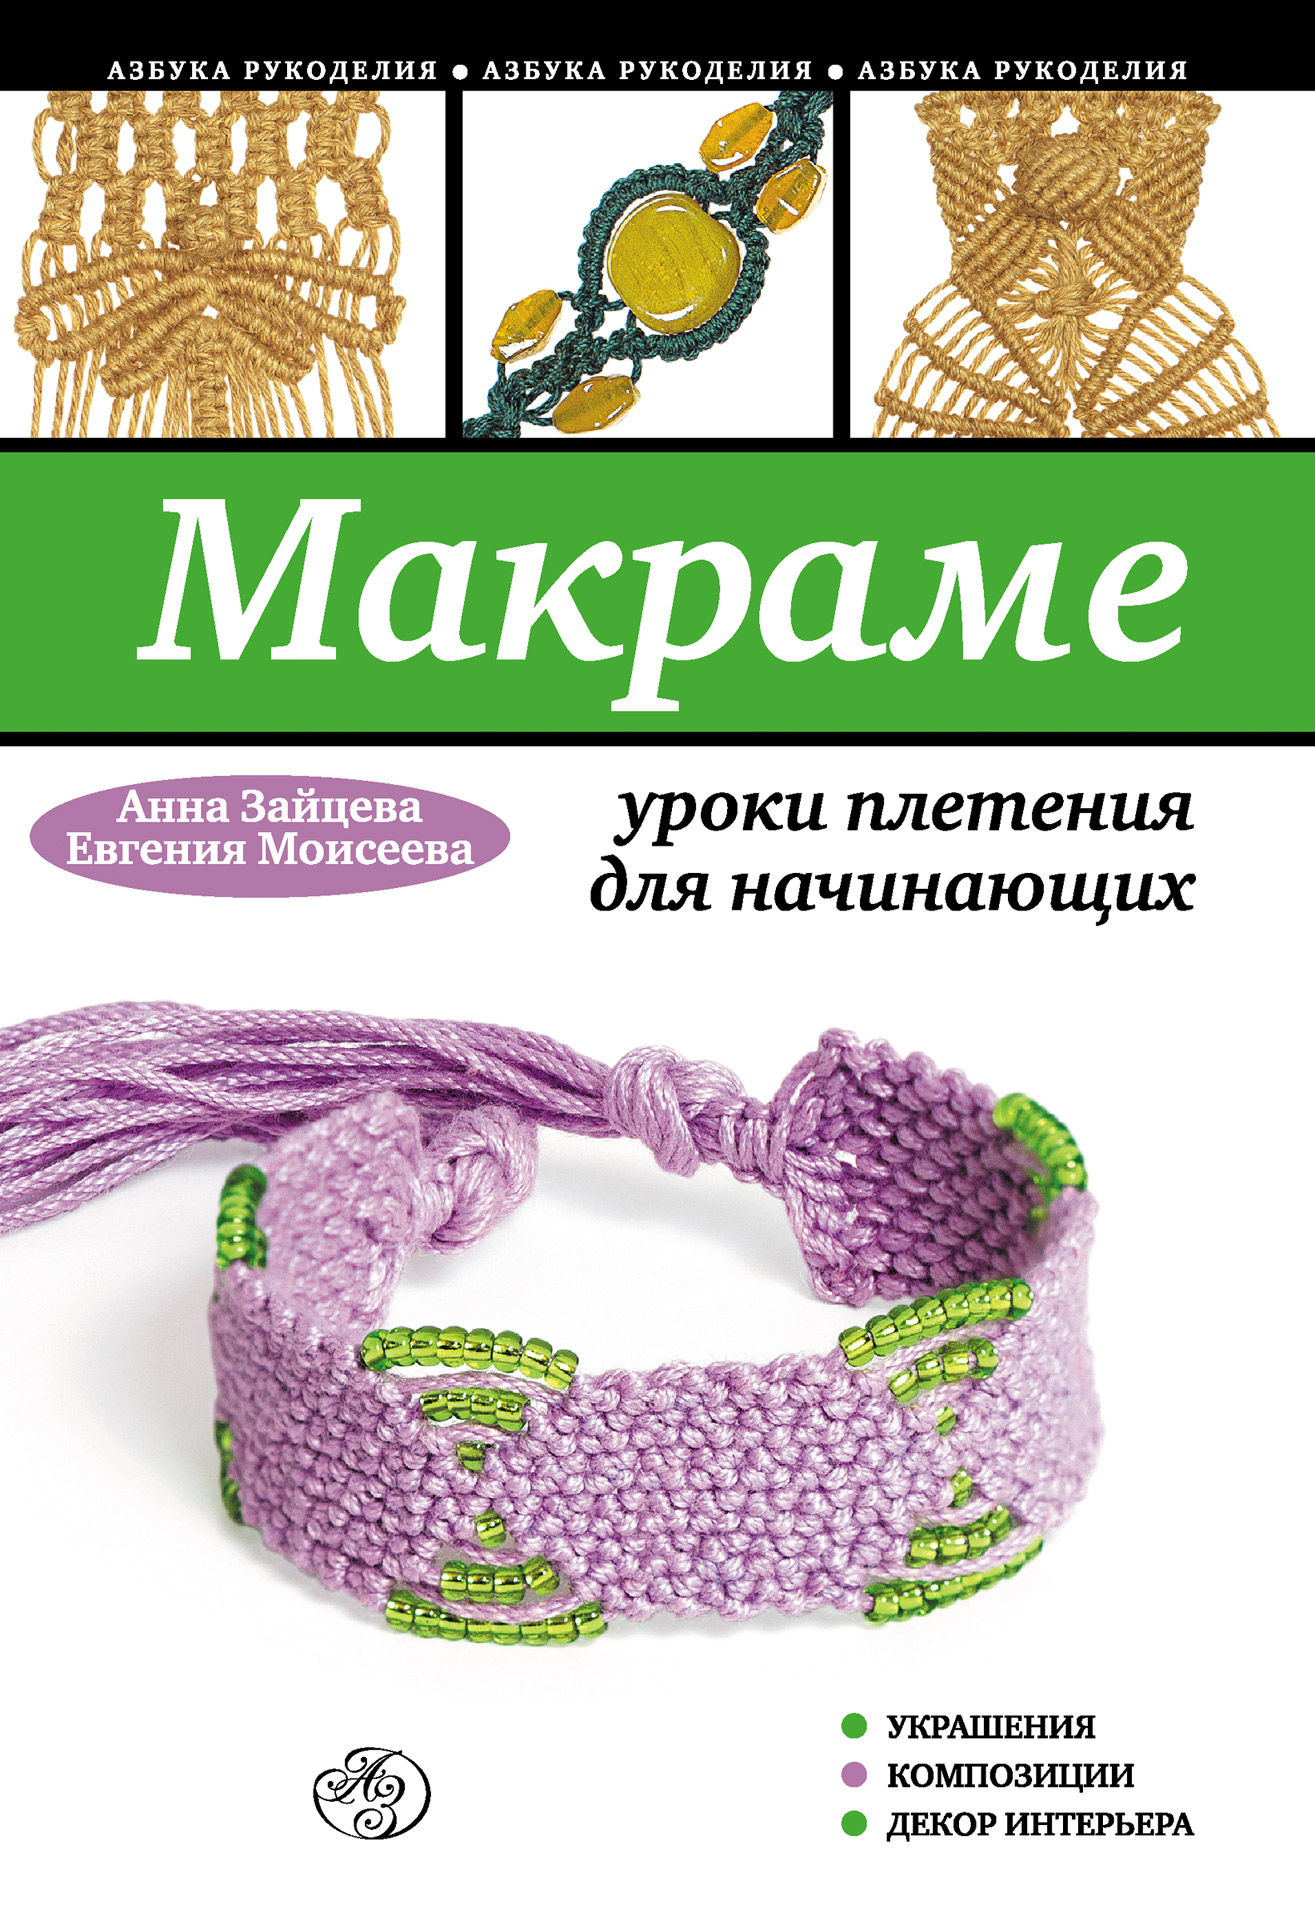 Анна Зайцева Макраме: уроки плетения для начинающих анна зайцева макраме самый полный и понятный самоучитель